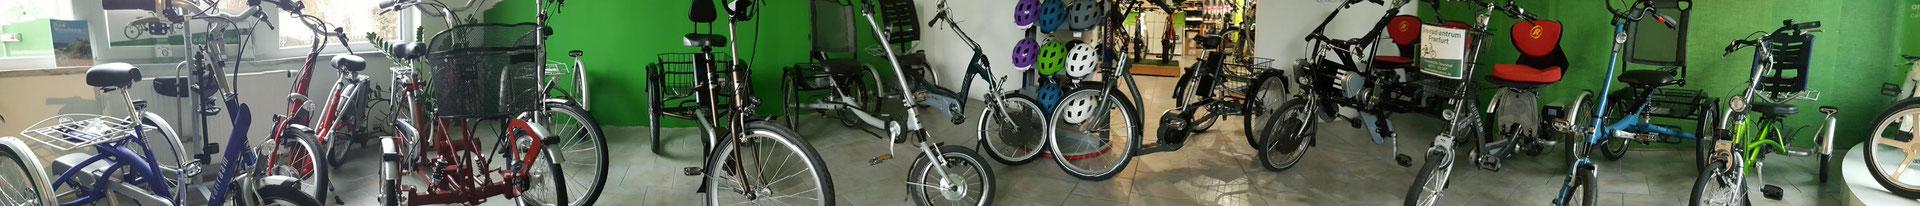 kostenlose Dreirad Probefahrten und kompetente Elektrodreirad Beratung vom Experten im Dreirad-Zentrum Gießen